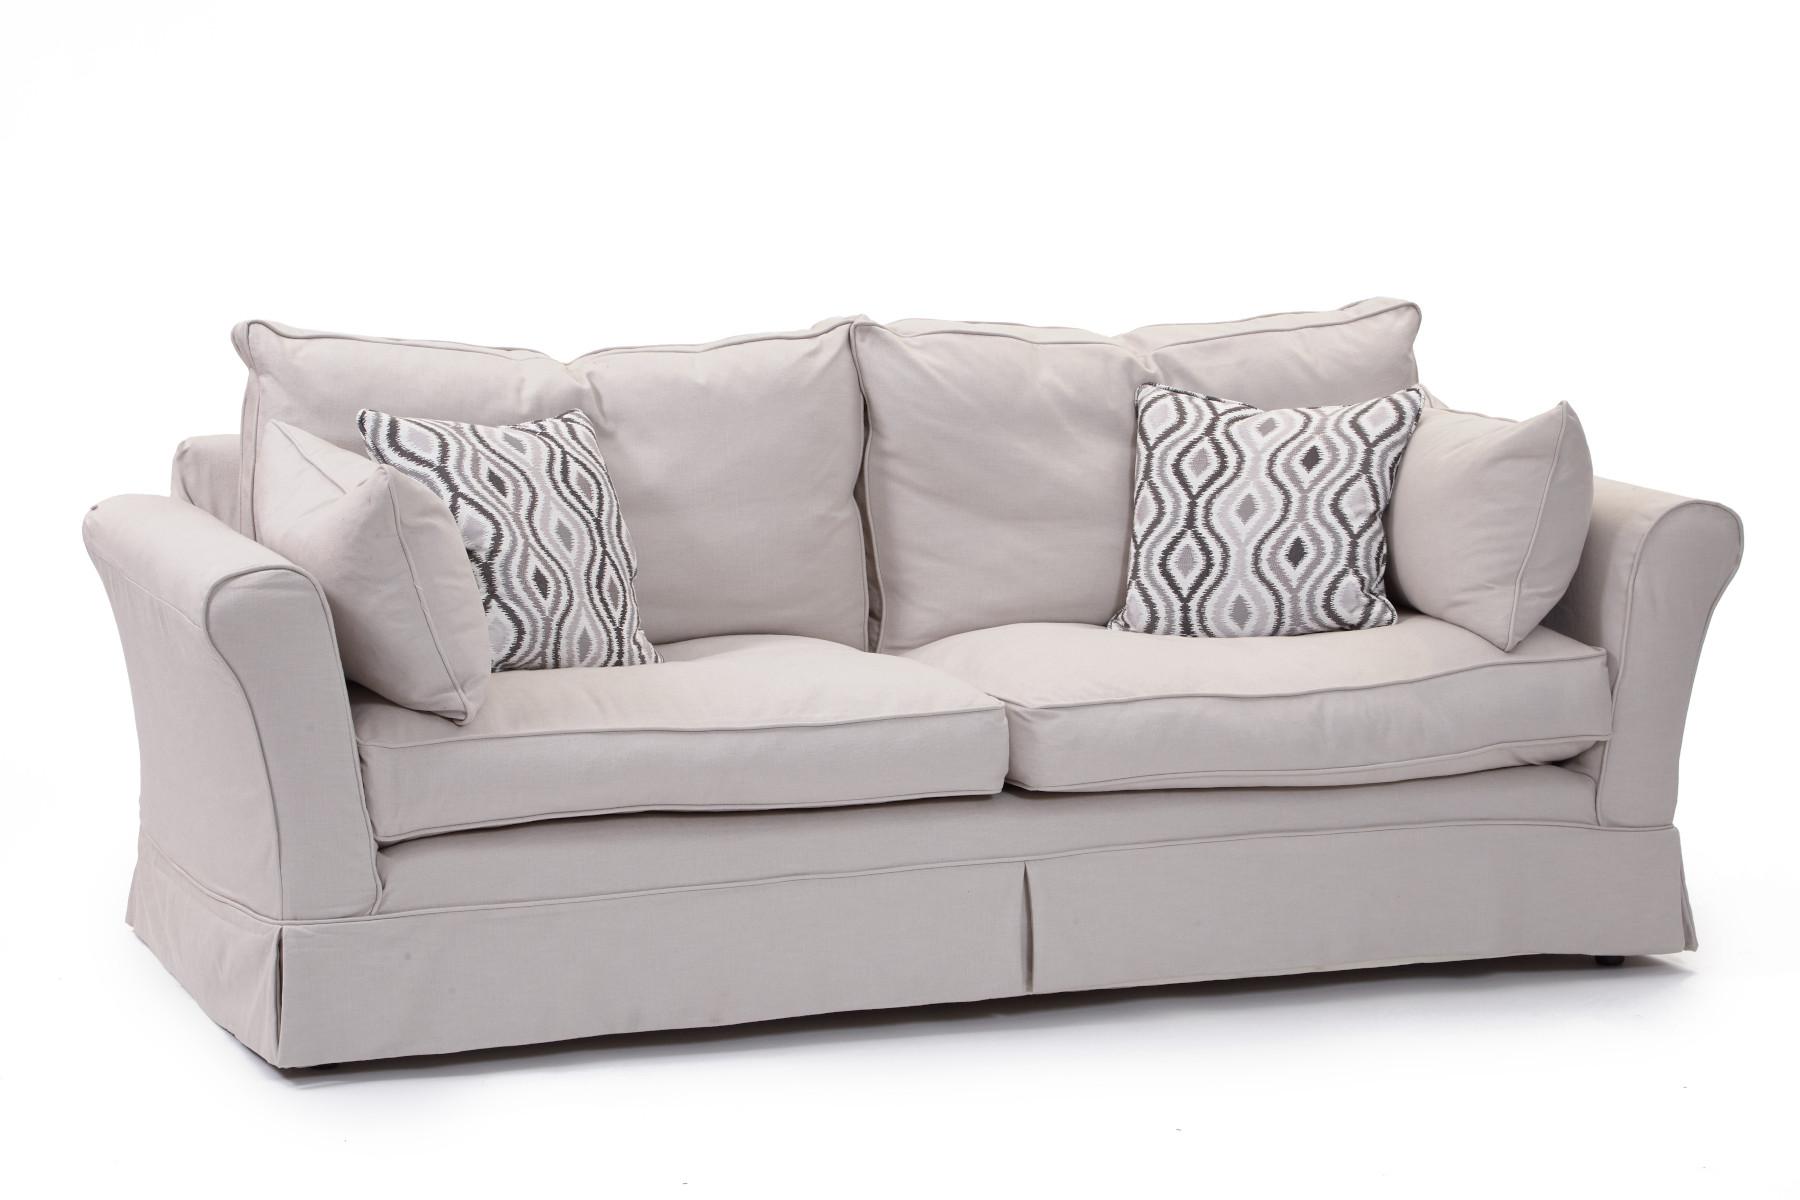 Acton Large Sofa